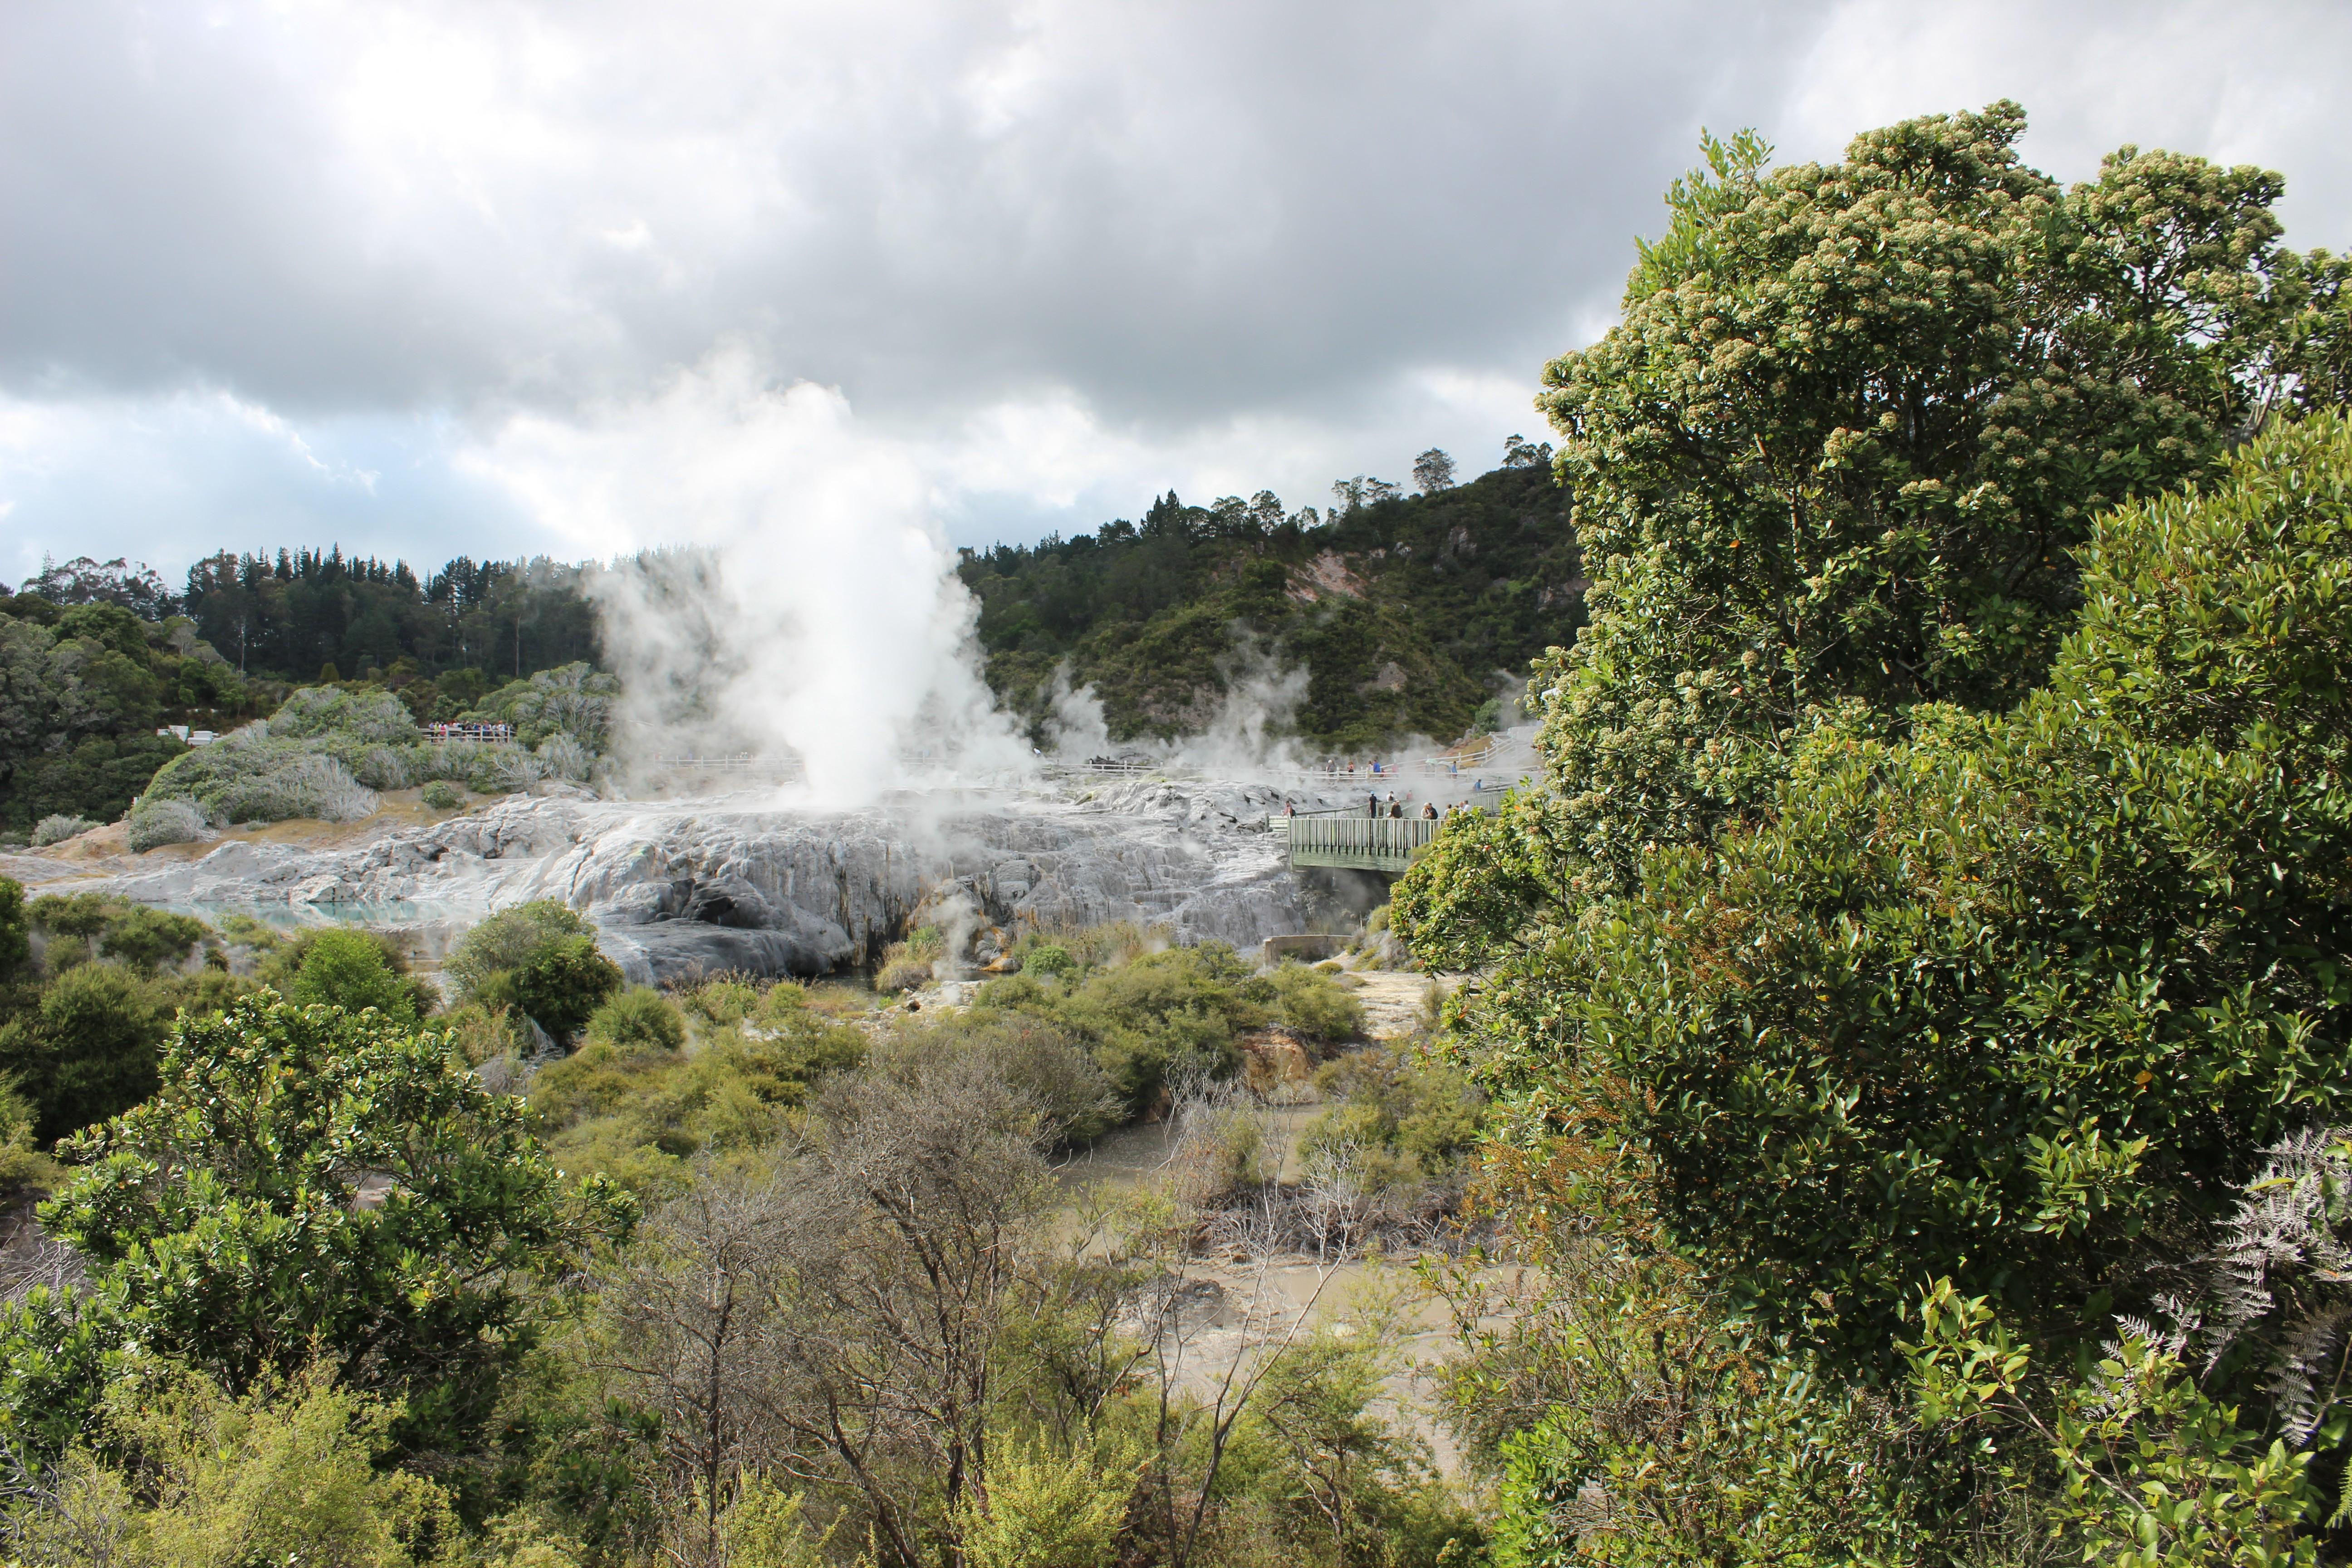 Pohutu Geyser, Whakarewarewa Geothermal Valley